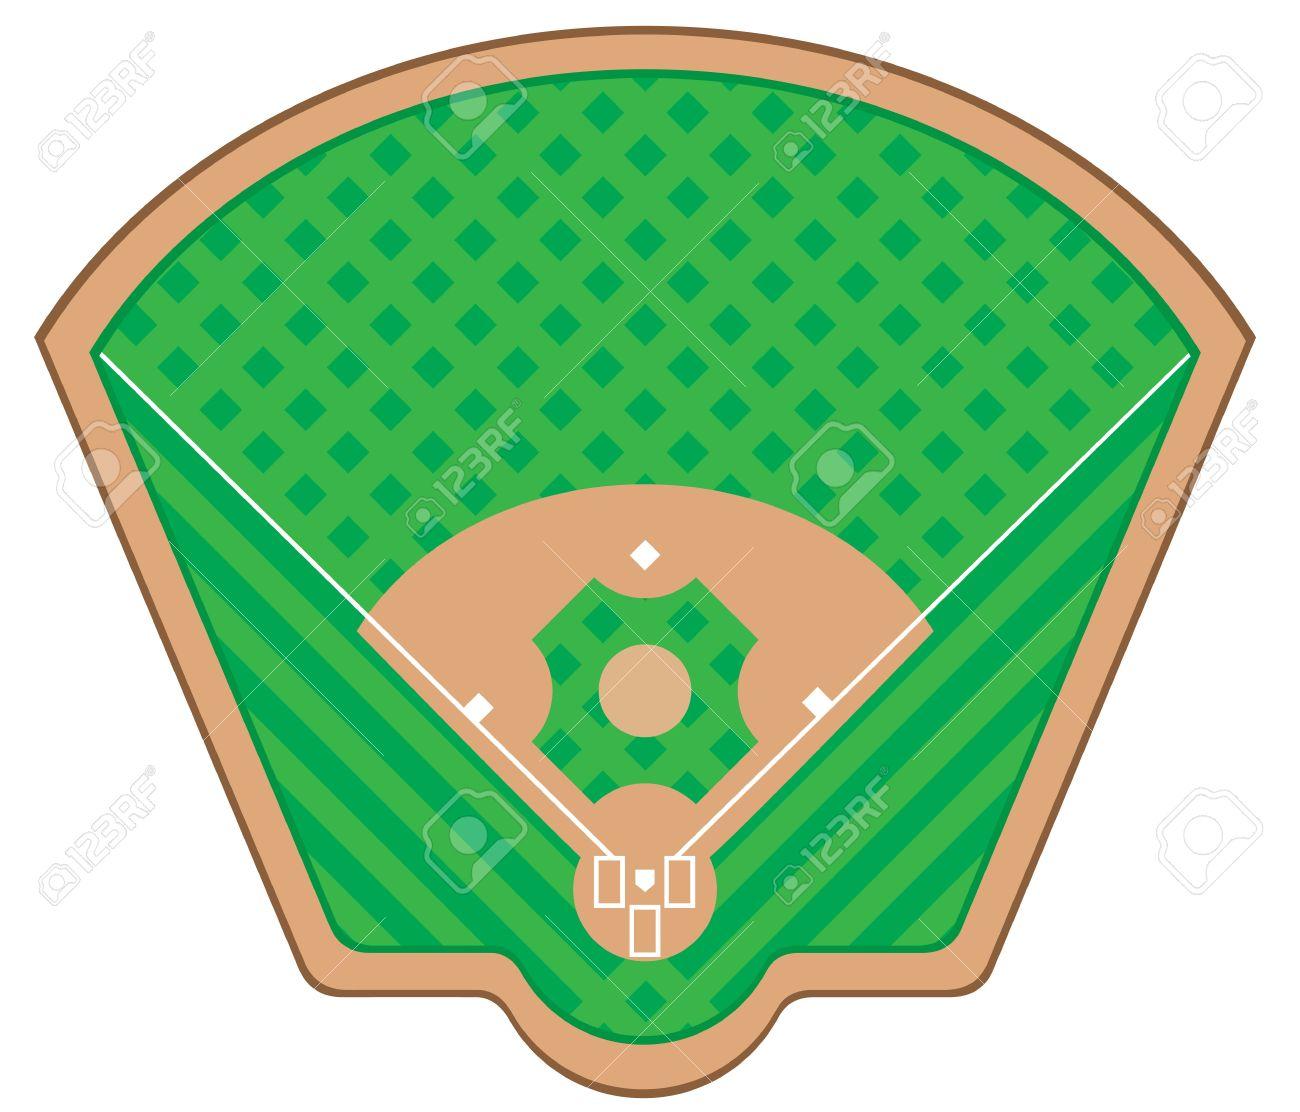 Ausgezeichnet Baseball Feld Malvorlagen Zeitgenössisch - Malvorlagen ...